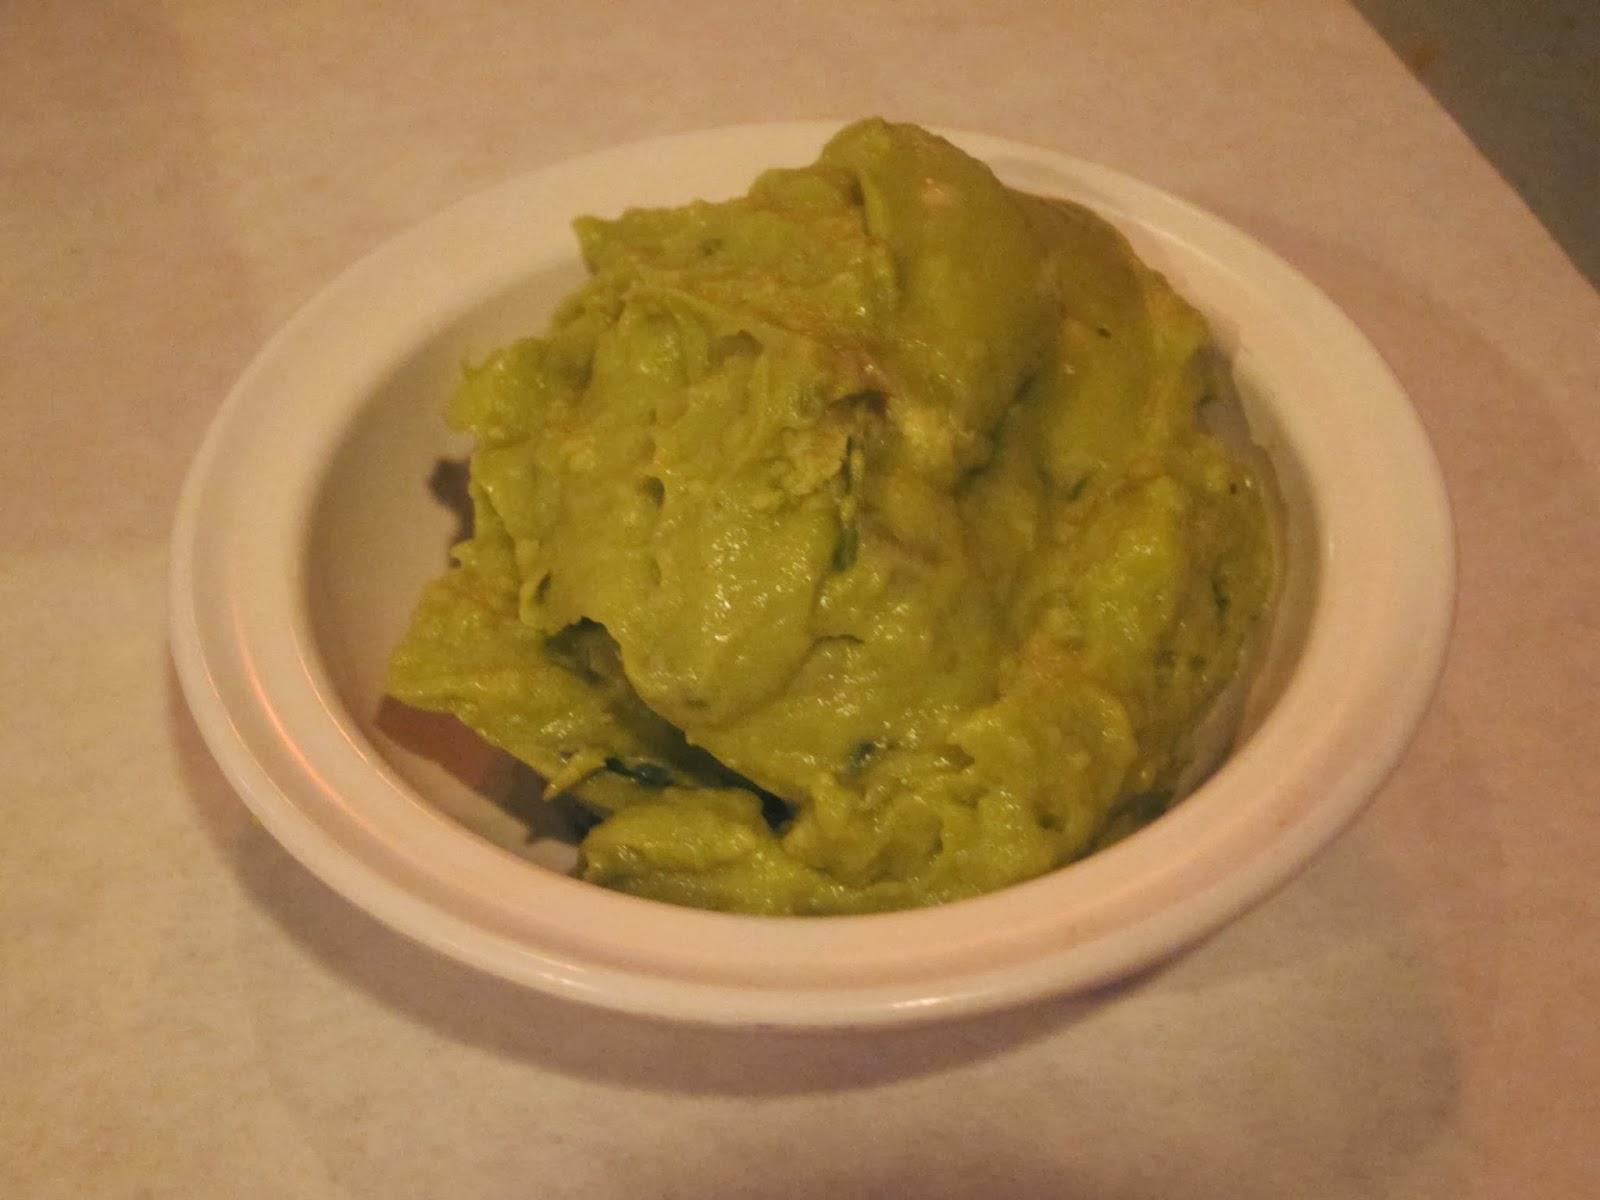 Guacamole from Fajitas & 'Ritas | The Economical Eater